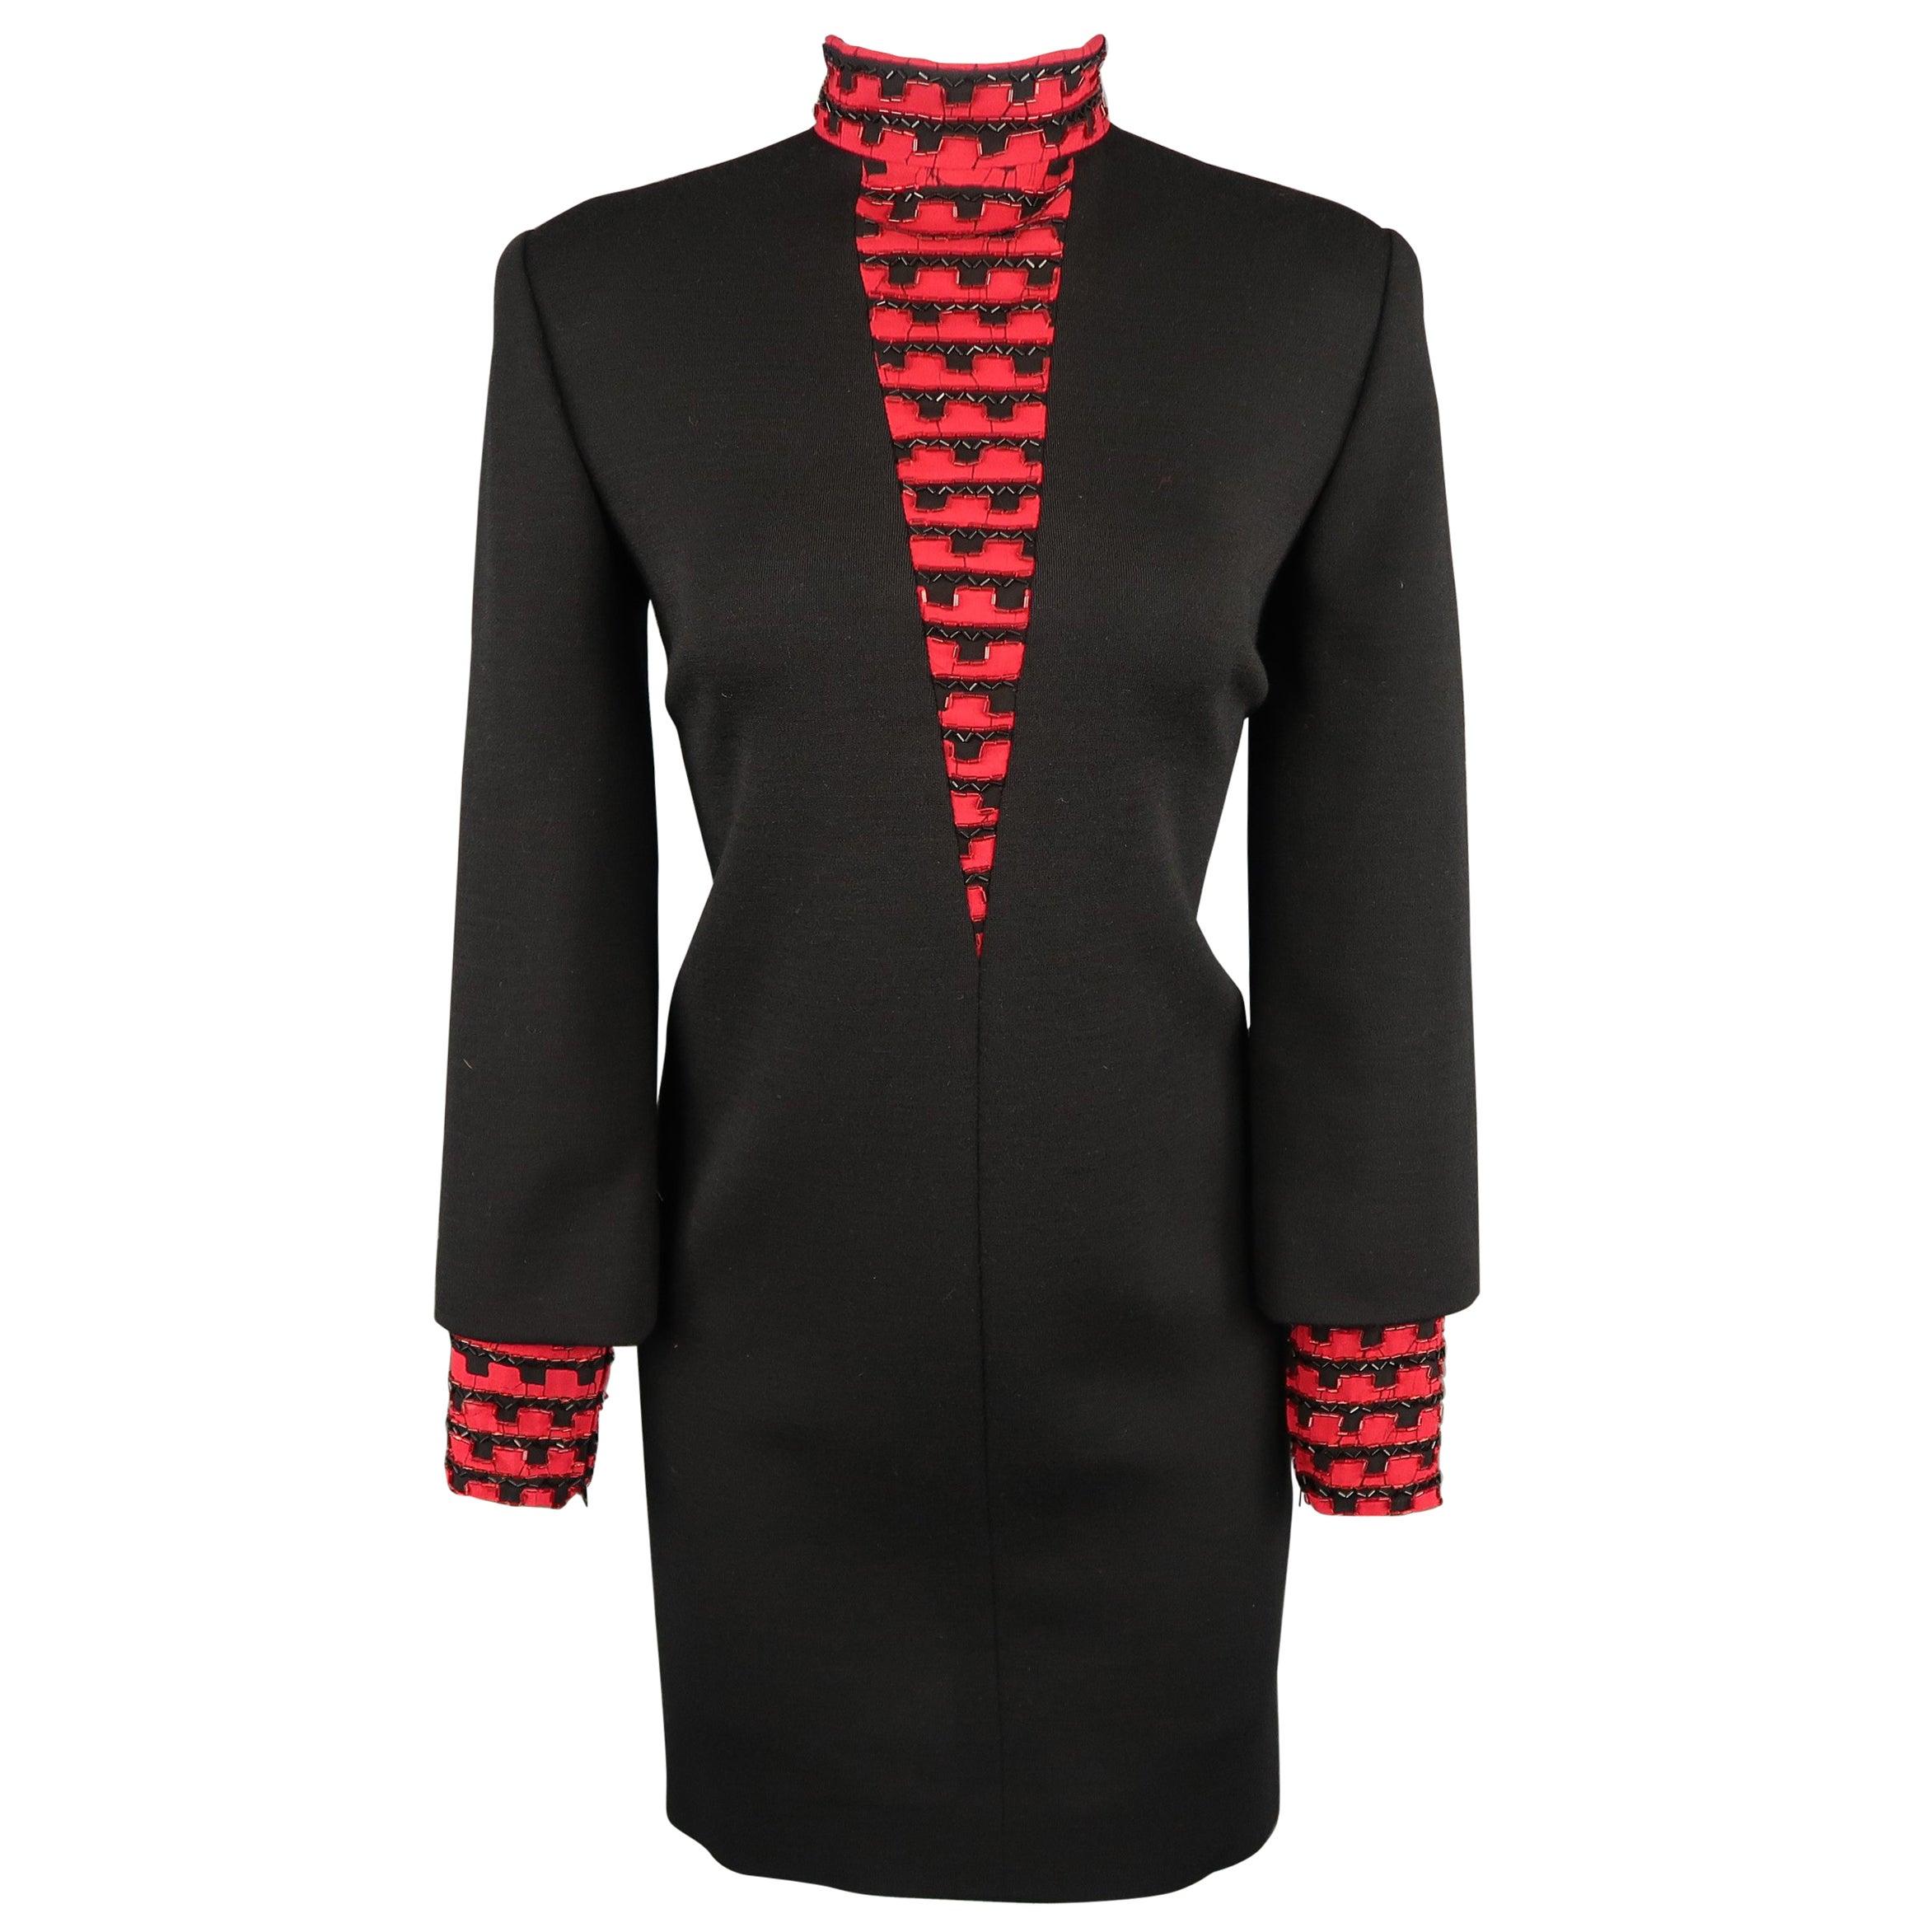 Vintage 1980's BOB MACKIE Size L Black Jersey Red Beaded Neck Dress